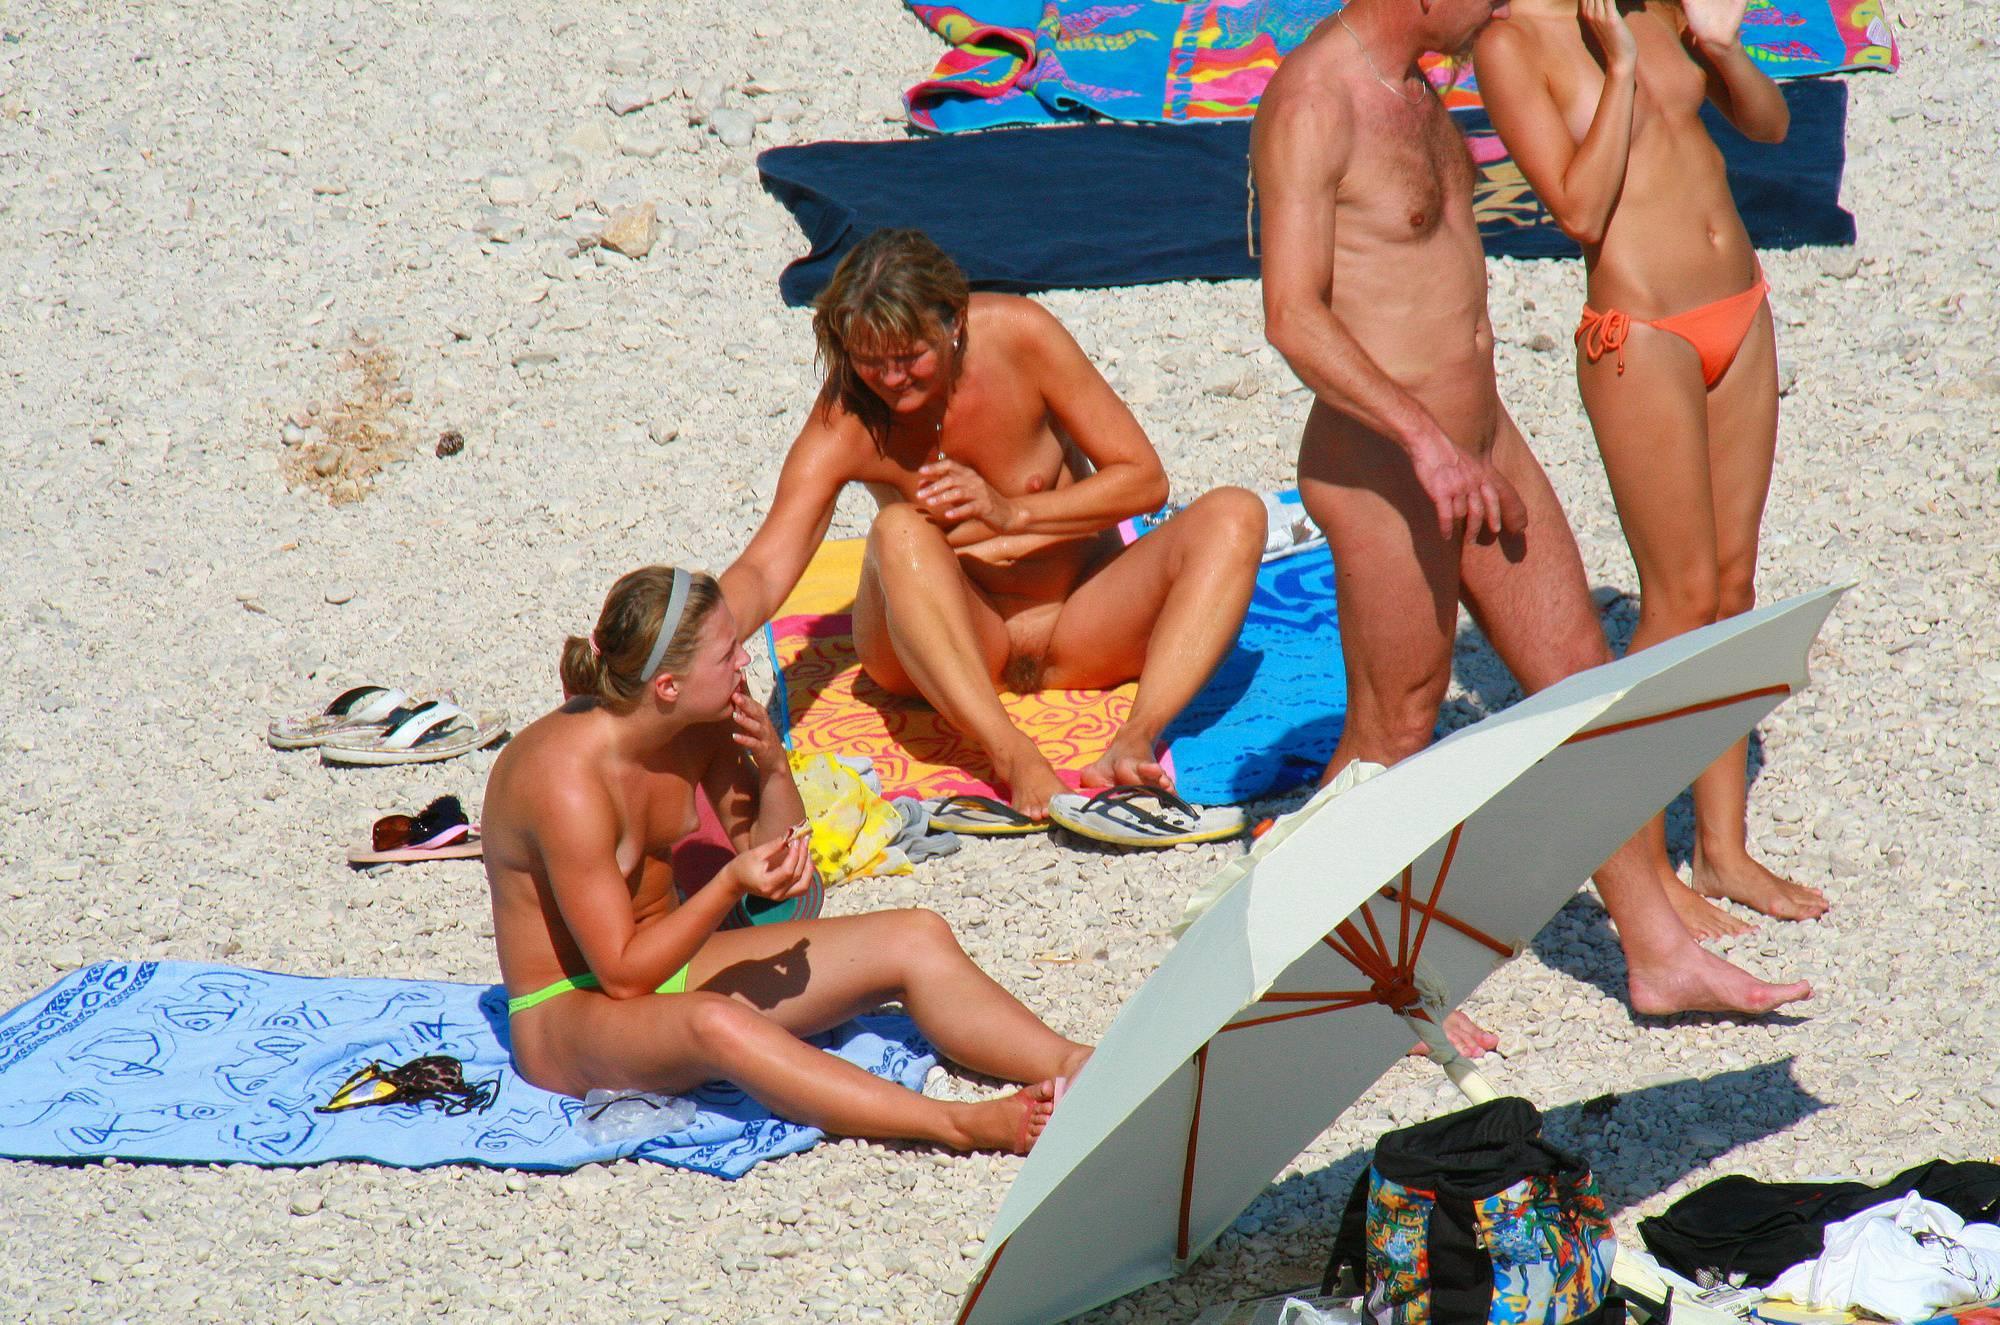 Nudist Photos Ula FKK Topless Sister Site - 1